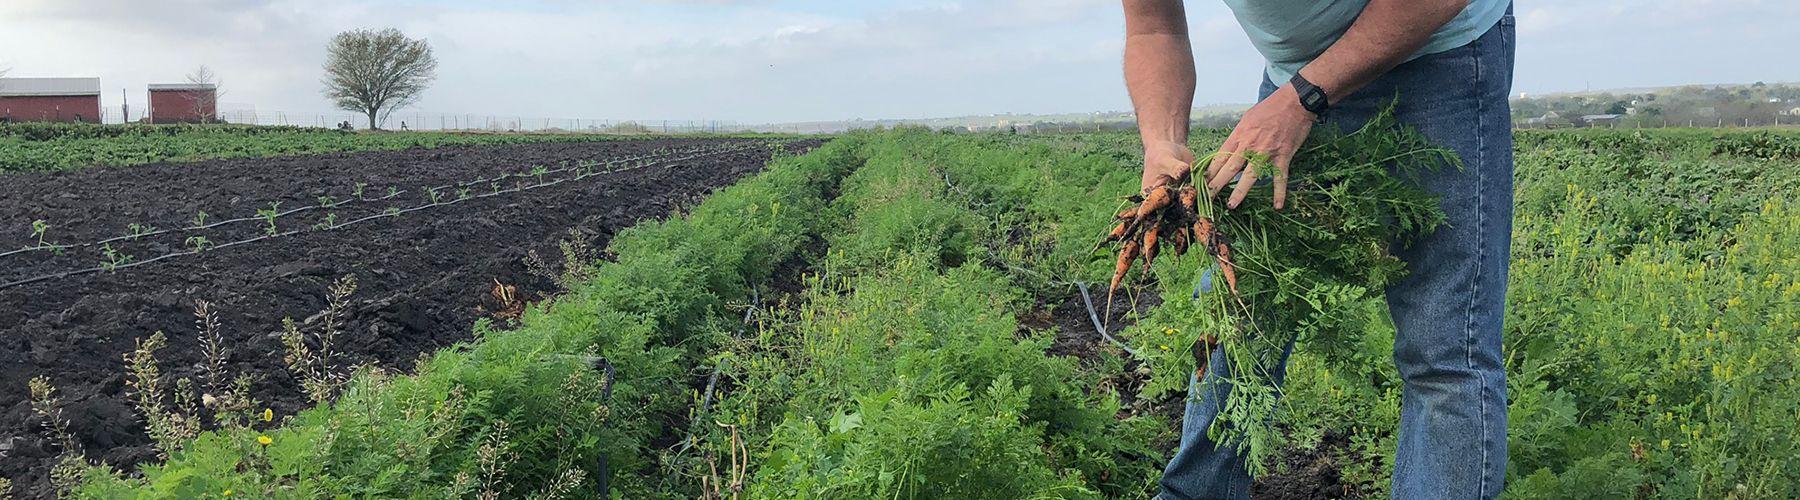 farmer pulling carrots